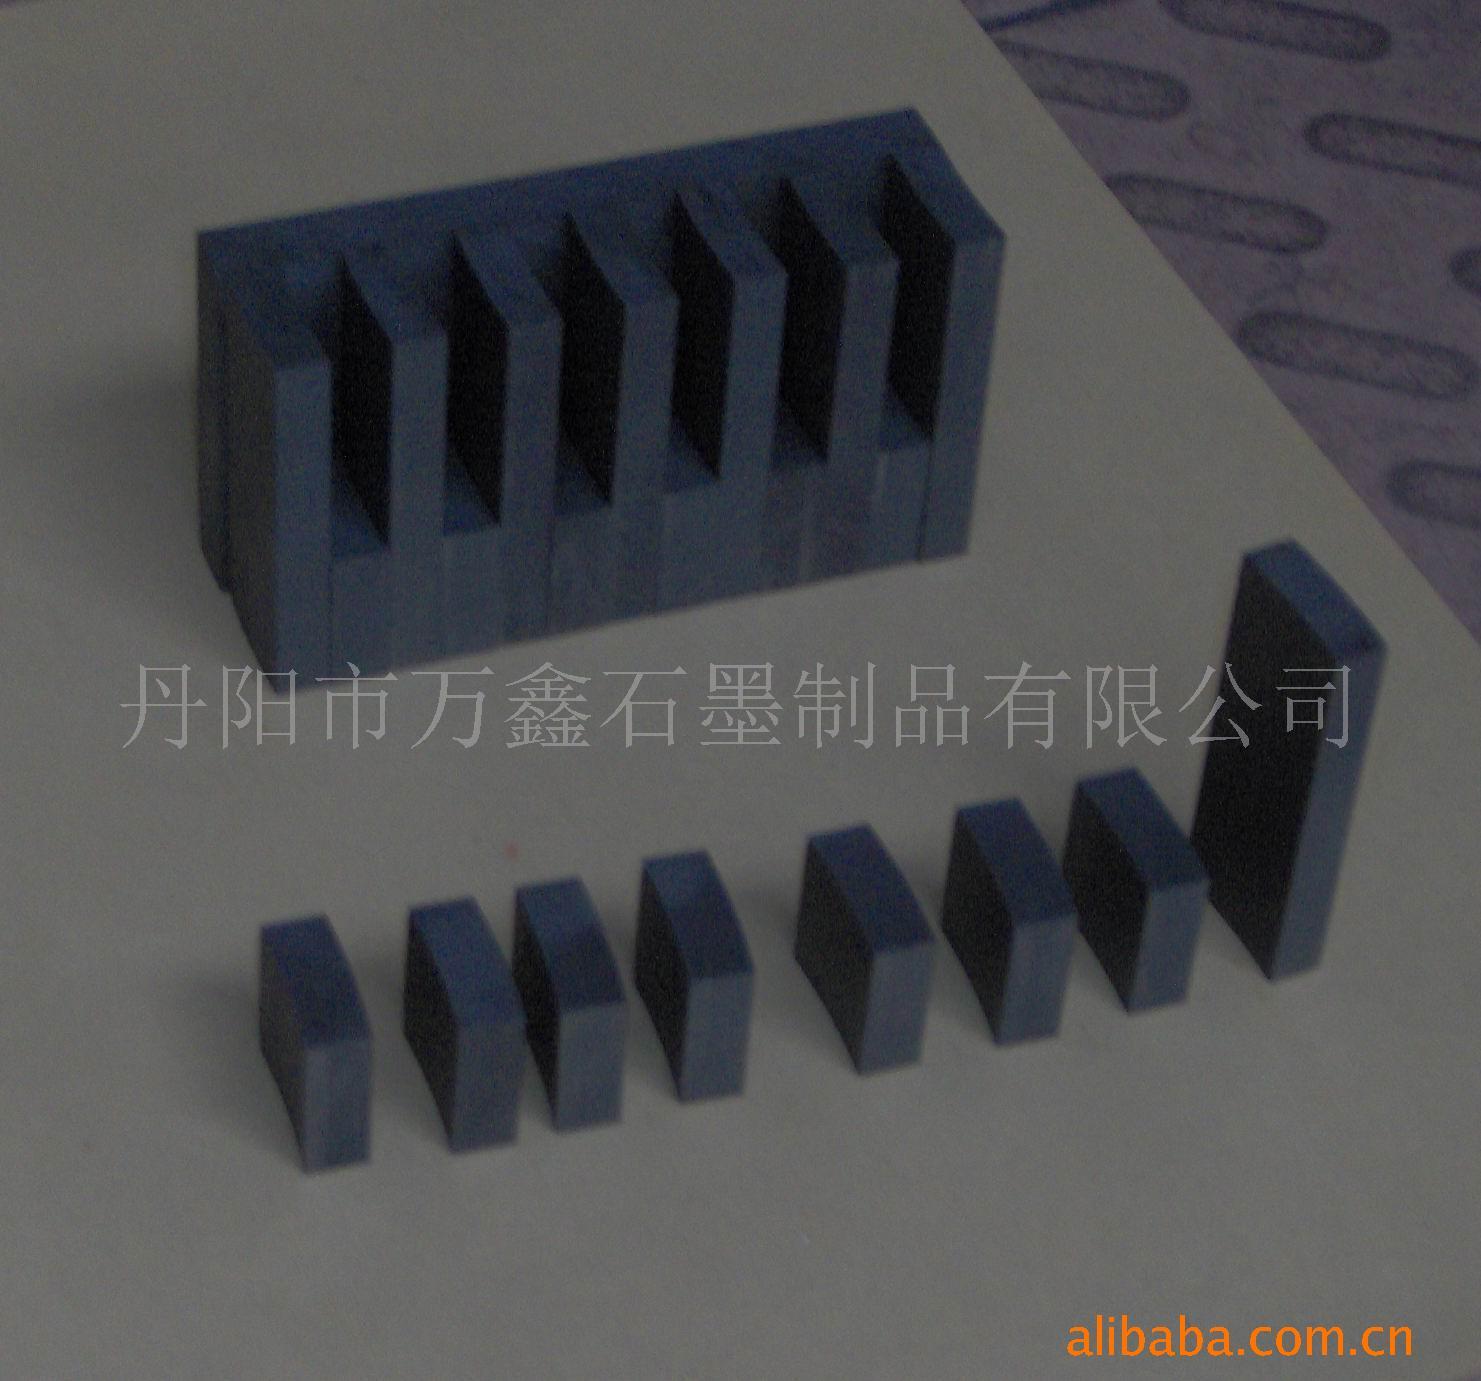 高品質石墨模具異型精密石墨模具-廣東石墨模具廠家推薦